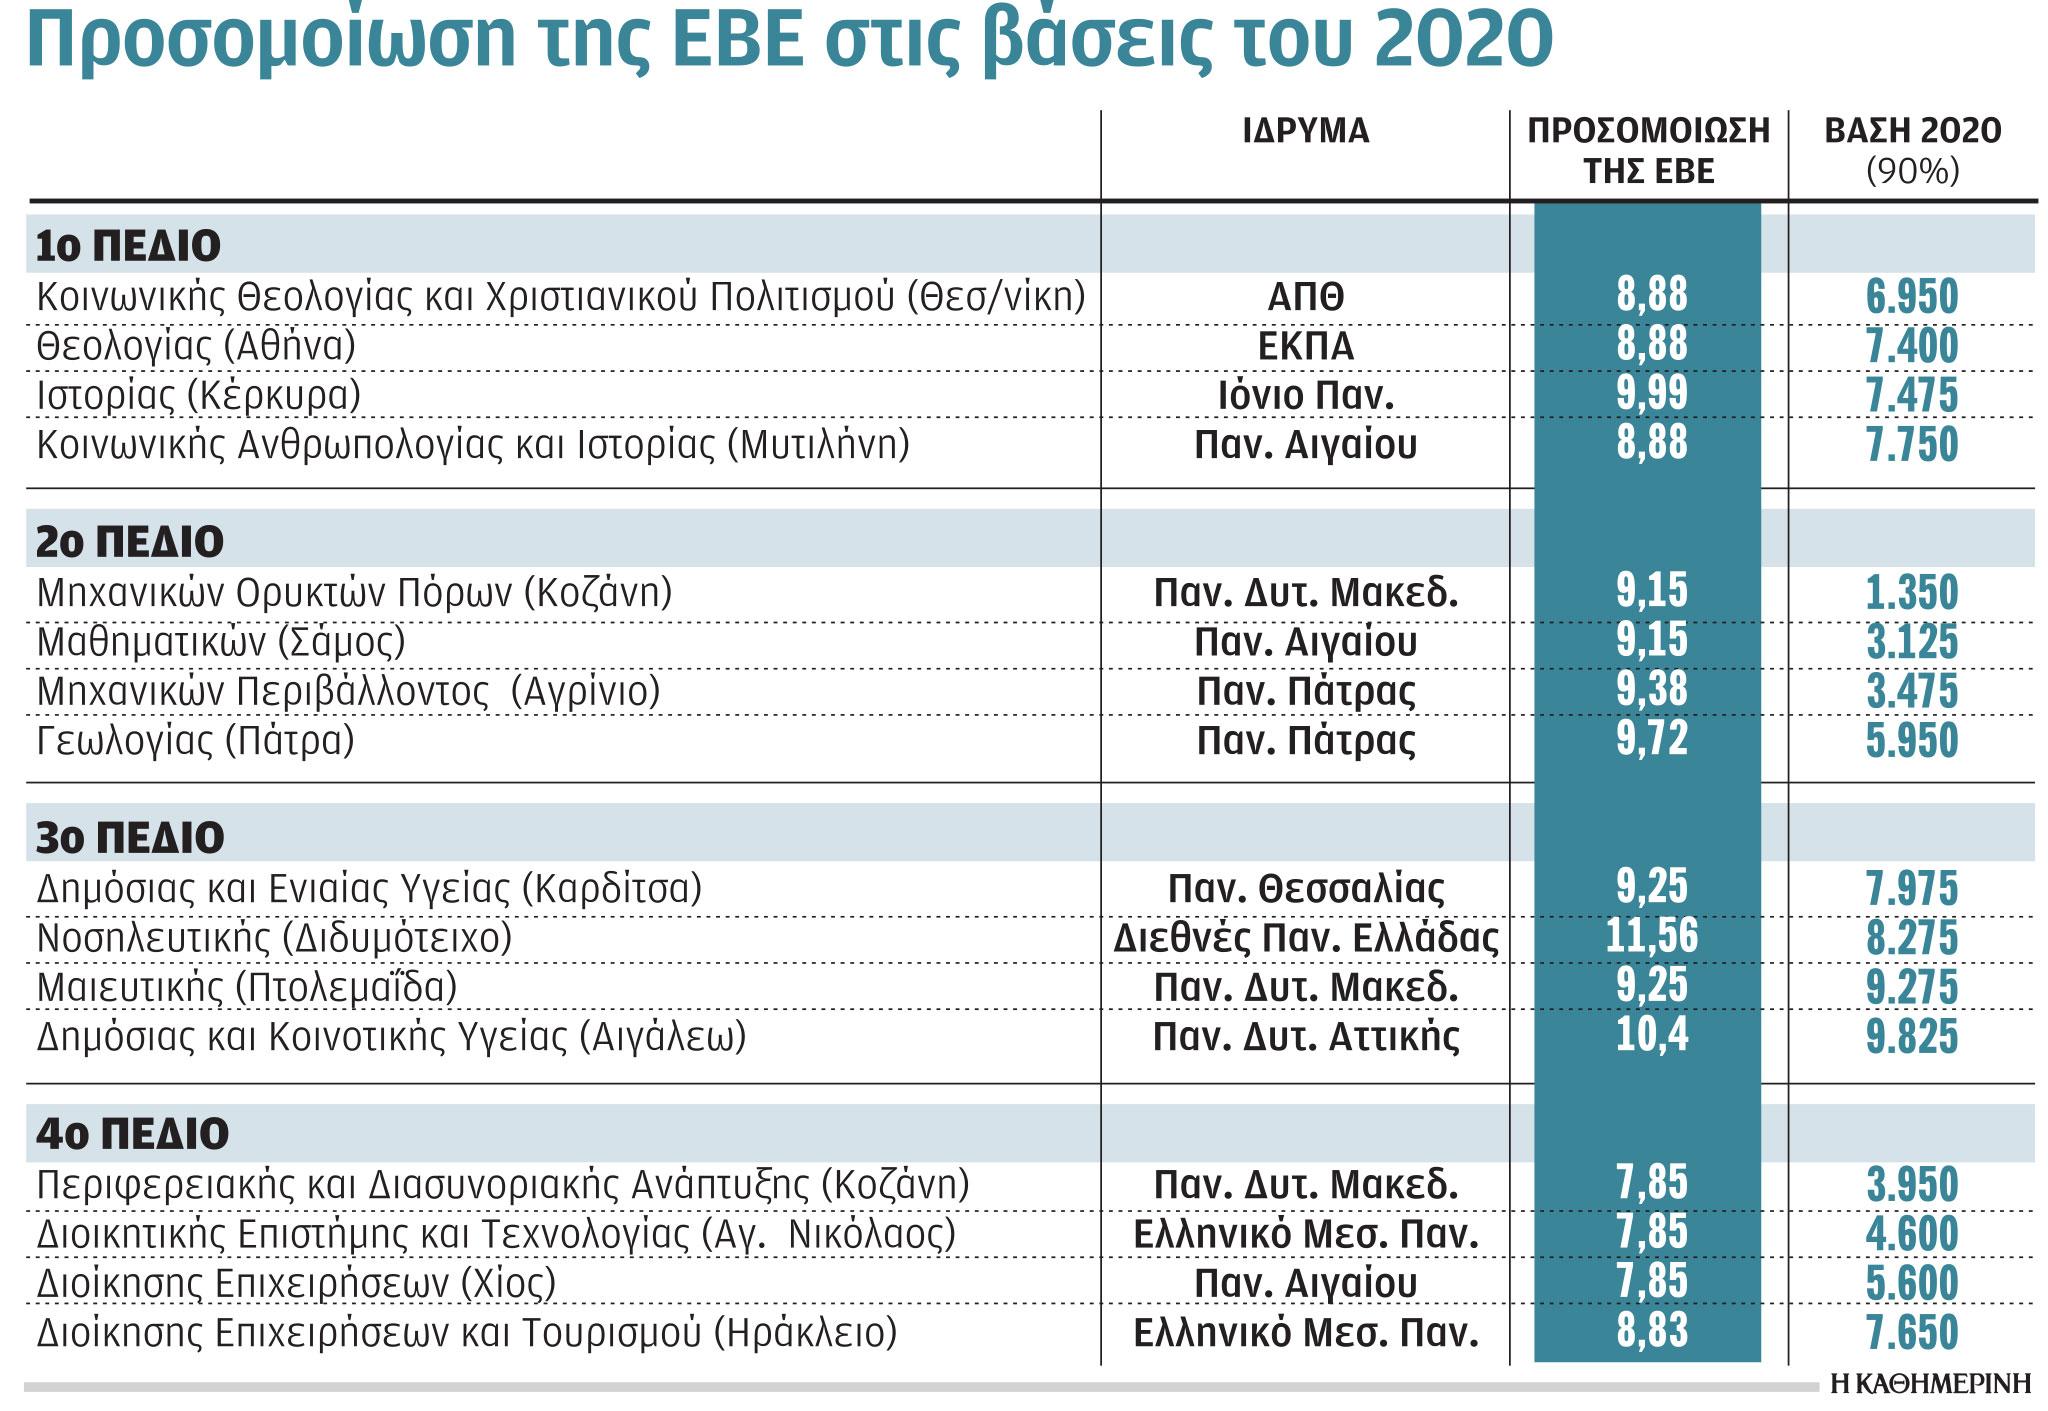 panelladikes-2021-ektinassontai-oi-vaseis-se-aei-chamilis-zitisis-amp-8211-konta-sto-8-i-chamiloteri-vasi0